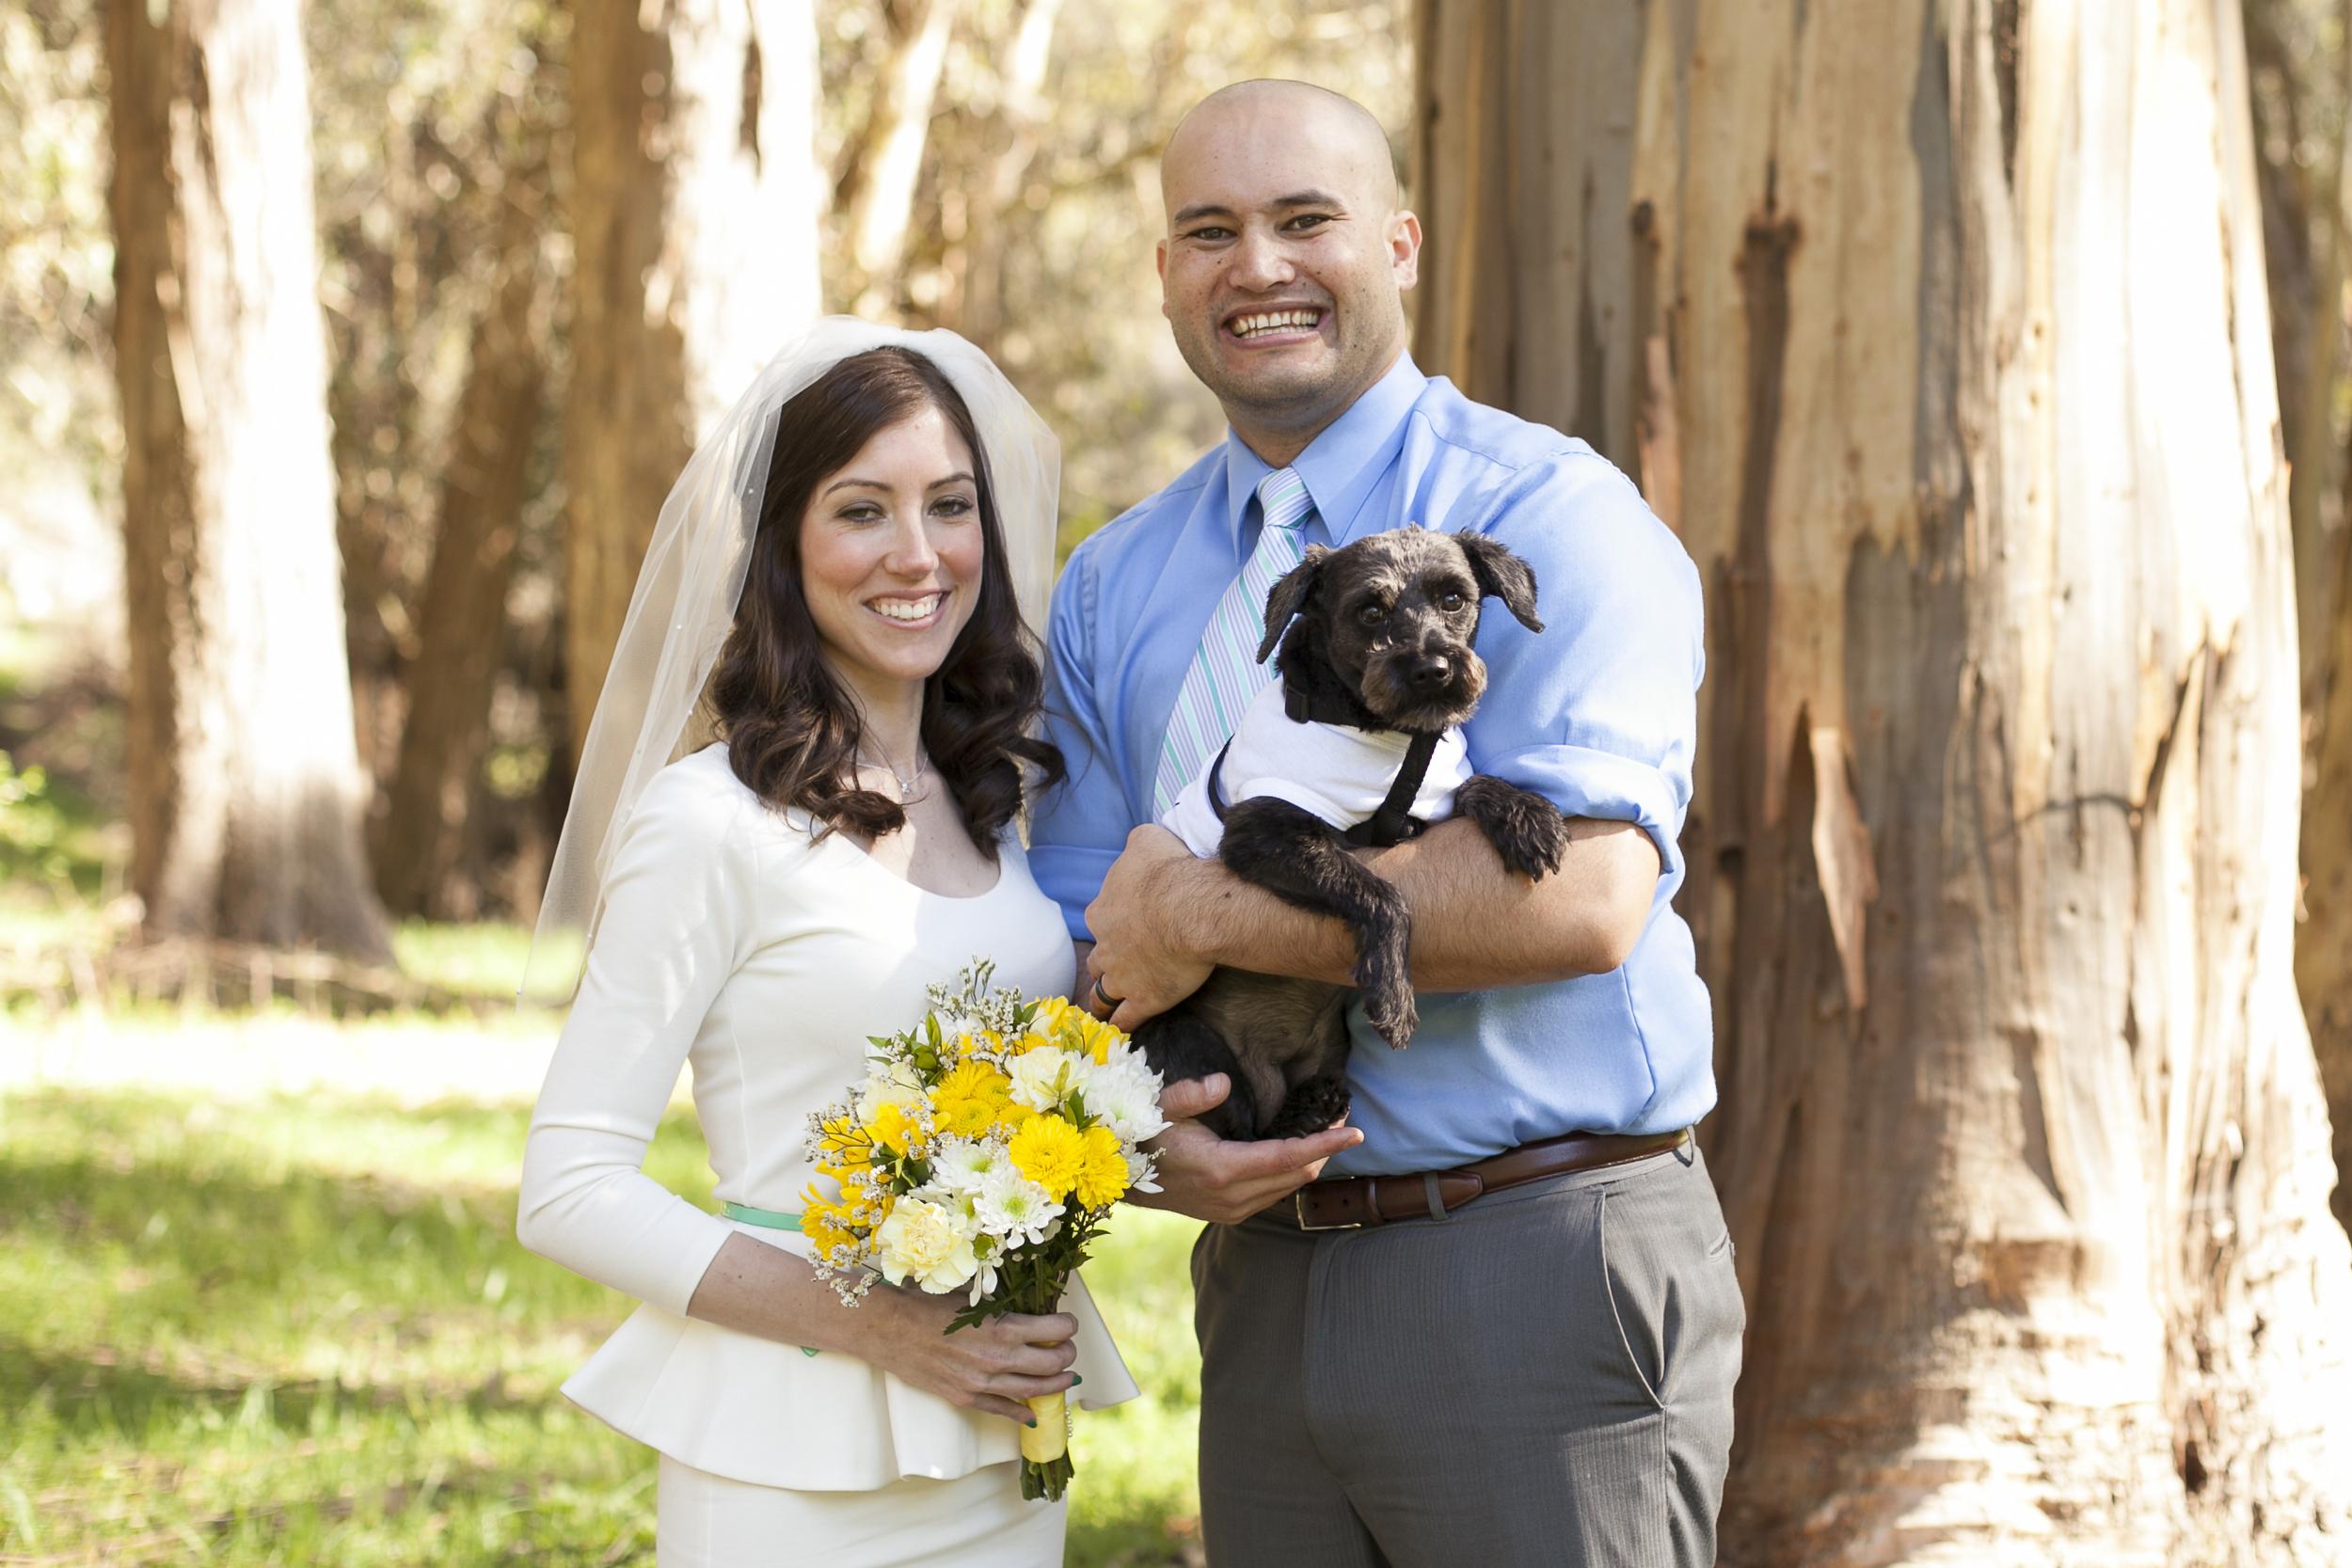 Tilden Park Berkeley Wedding Photographer-Meo Baaklini028.jpg